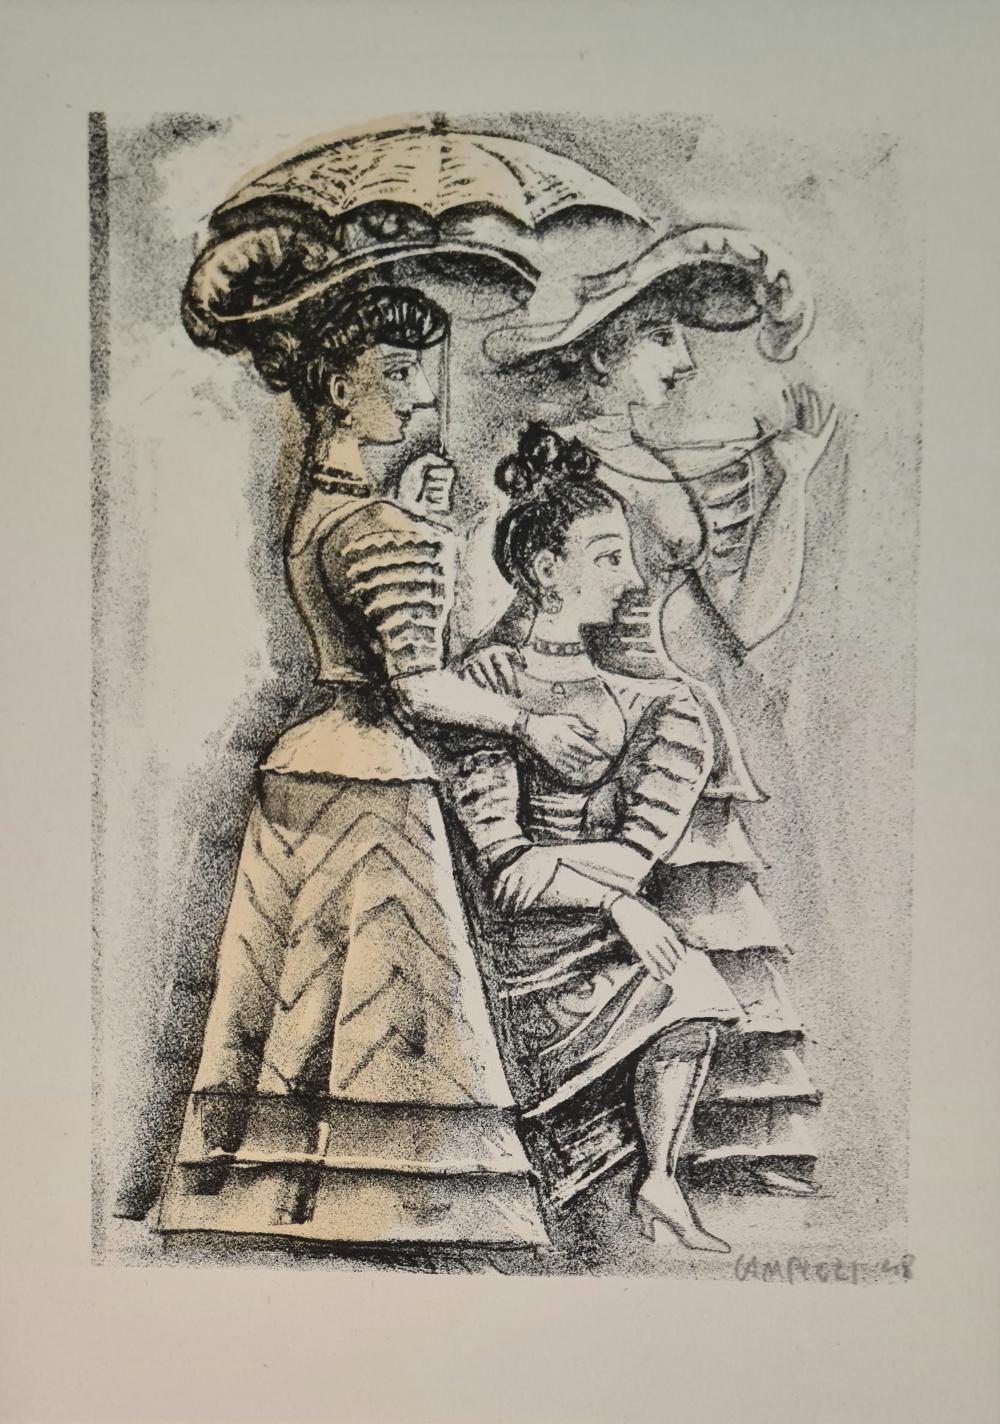 Campigli Massimo - Senza titolo,1948